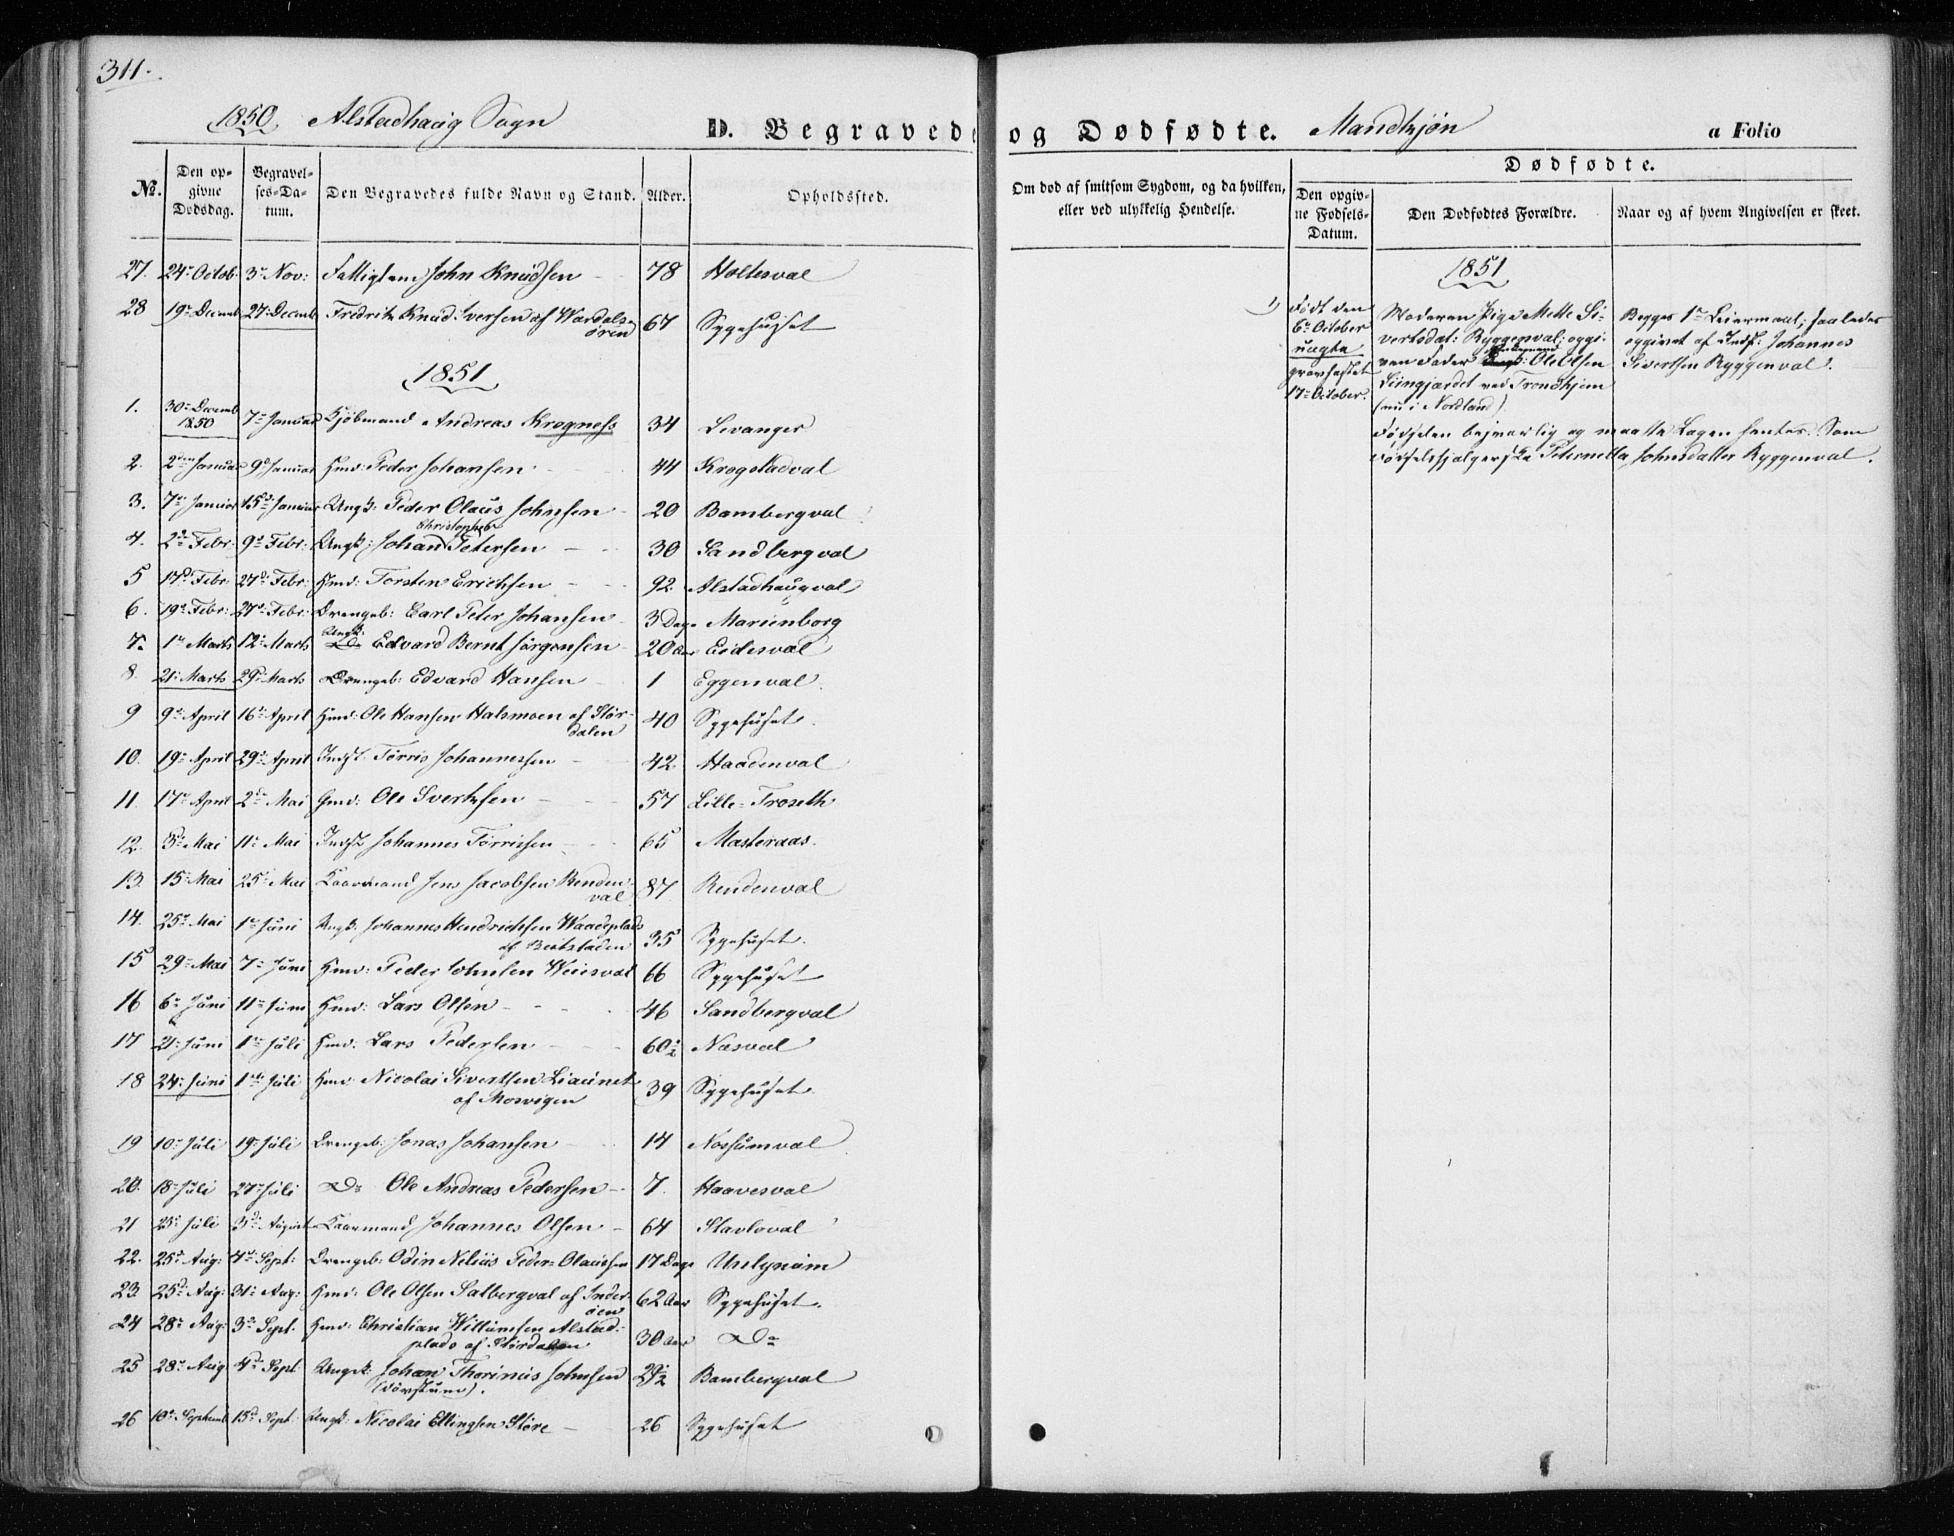 SAT, Ministerialprotokoller, klokkerbøker og fødselsregistre - Nord-Trøndelag, 717/L0154: Ministerialbok nr. 717A07 /1, 1850-1862, s. 311